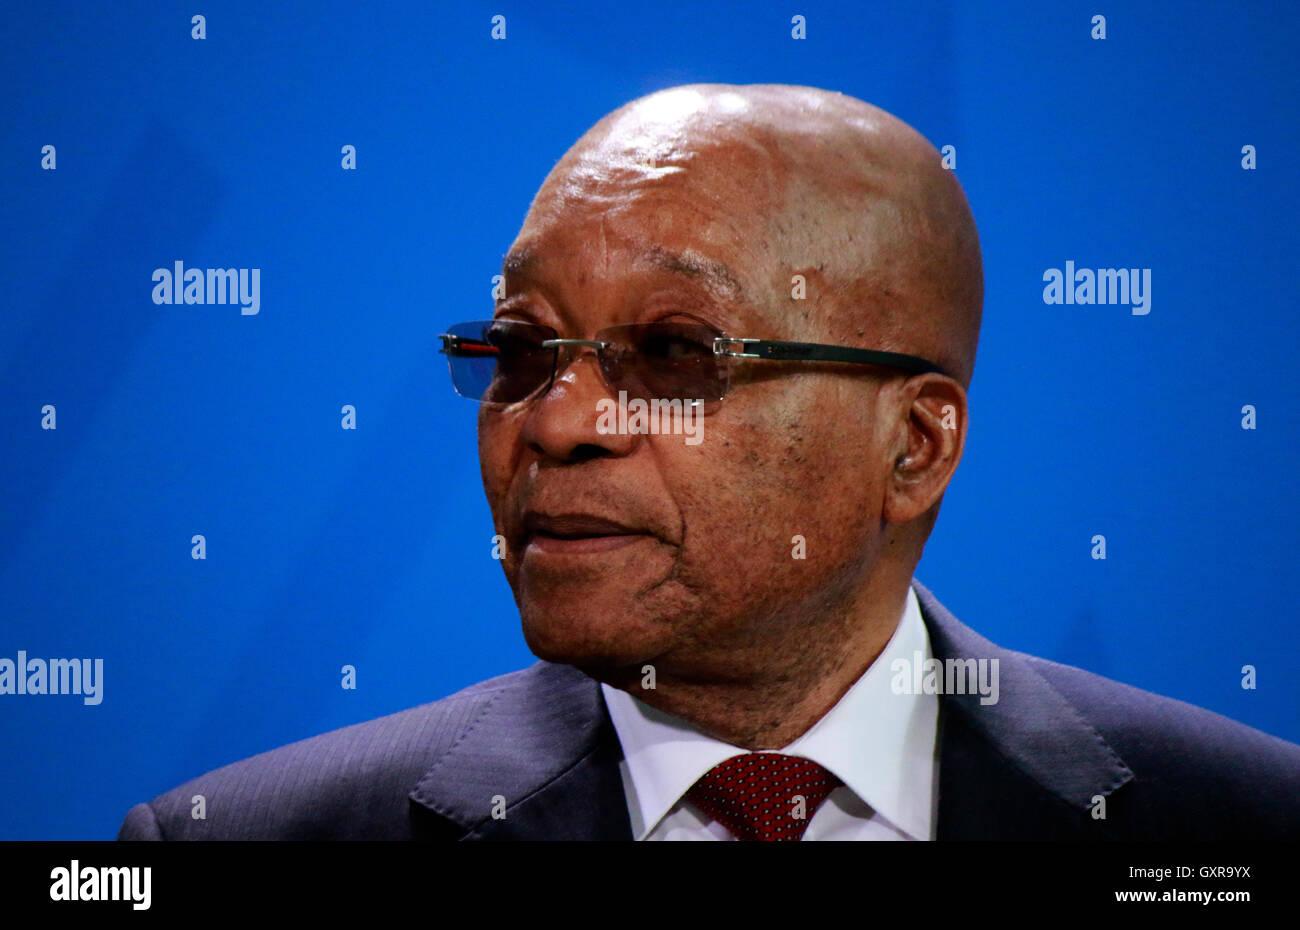 Jacob Zuma - Treffen der dt. Bundeskanzlerin mit dem Praesidenten Suedafrikas, Bundeskanzleramt, 10. November 2015, - Stock Image